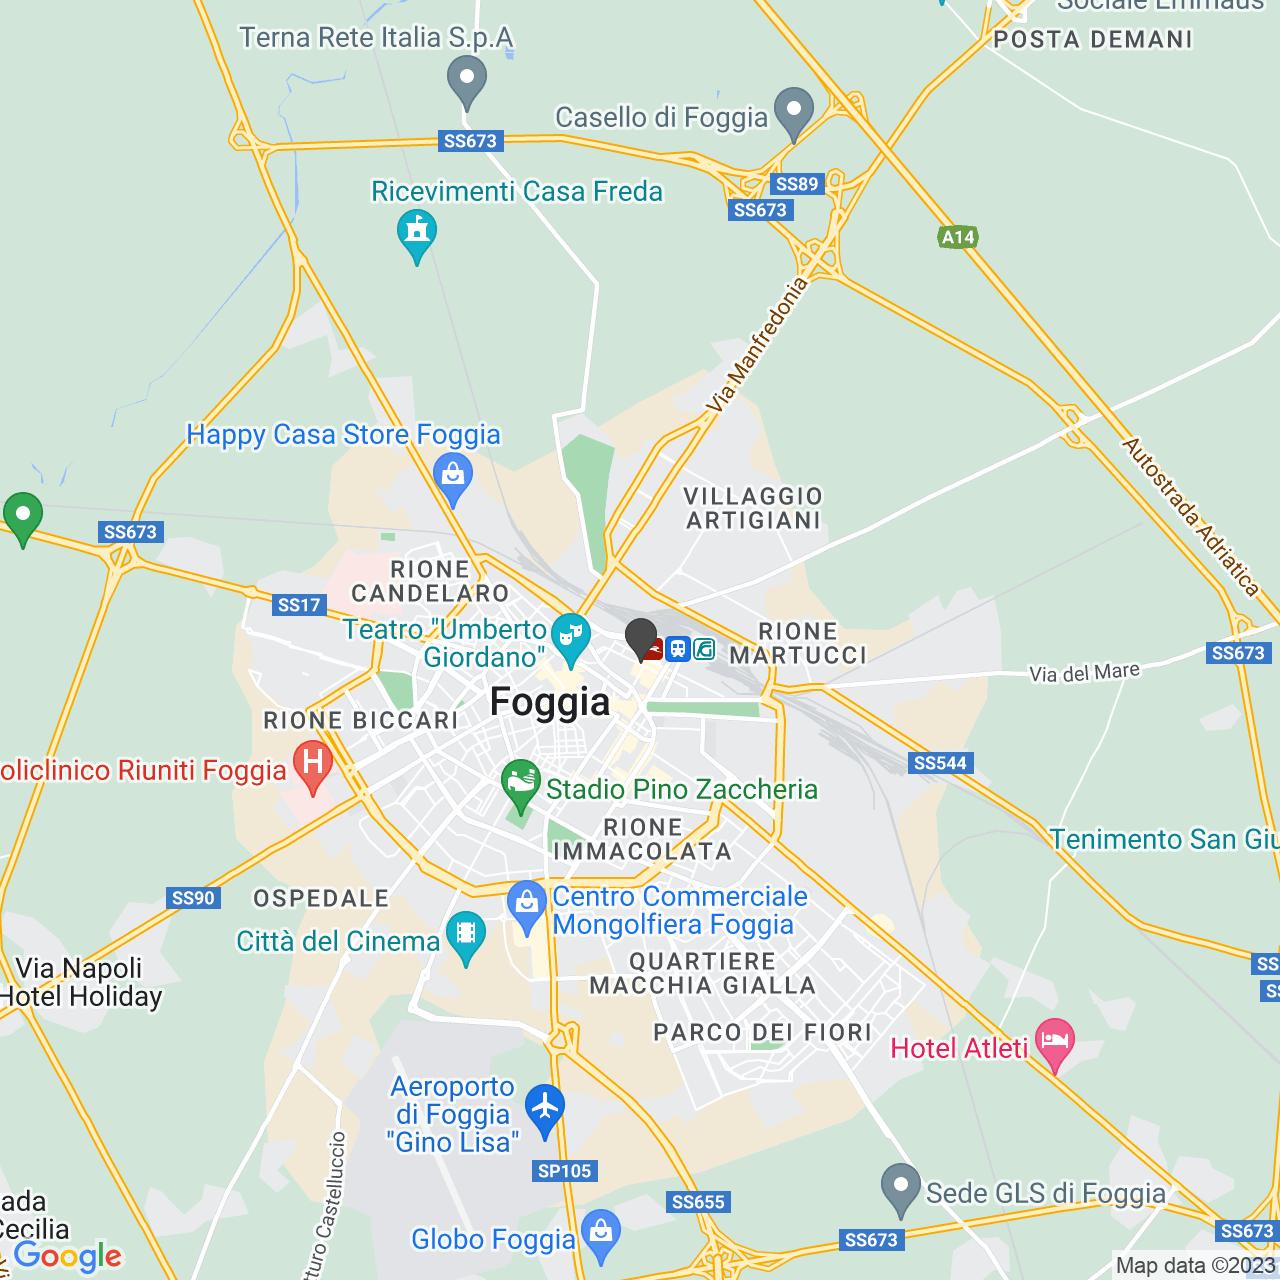 A.N.D.O.S. COMITATO DI FOGGIA ODV